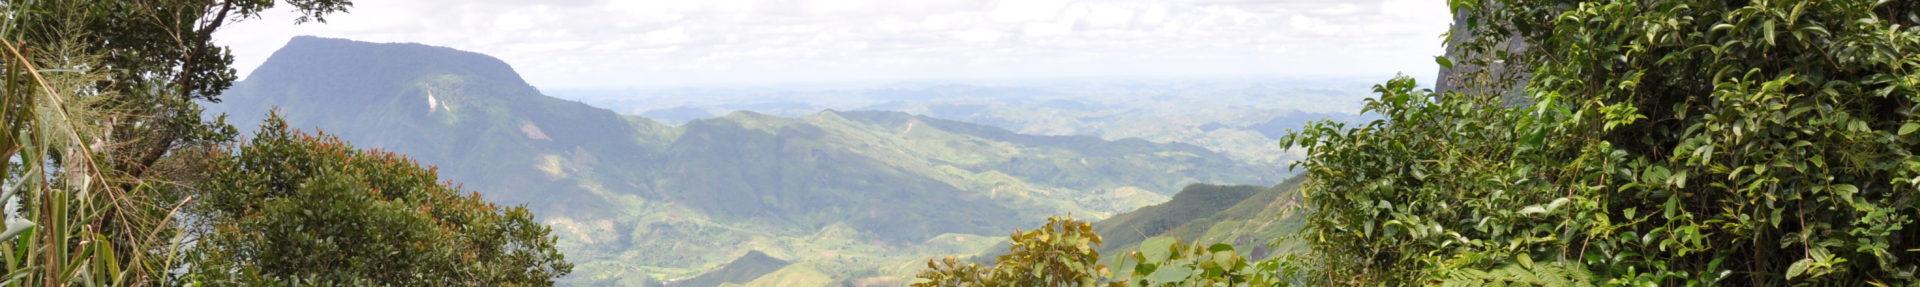 Madagaskarvanilje